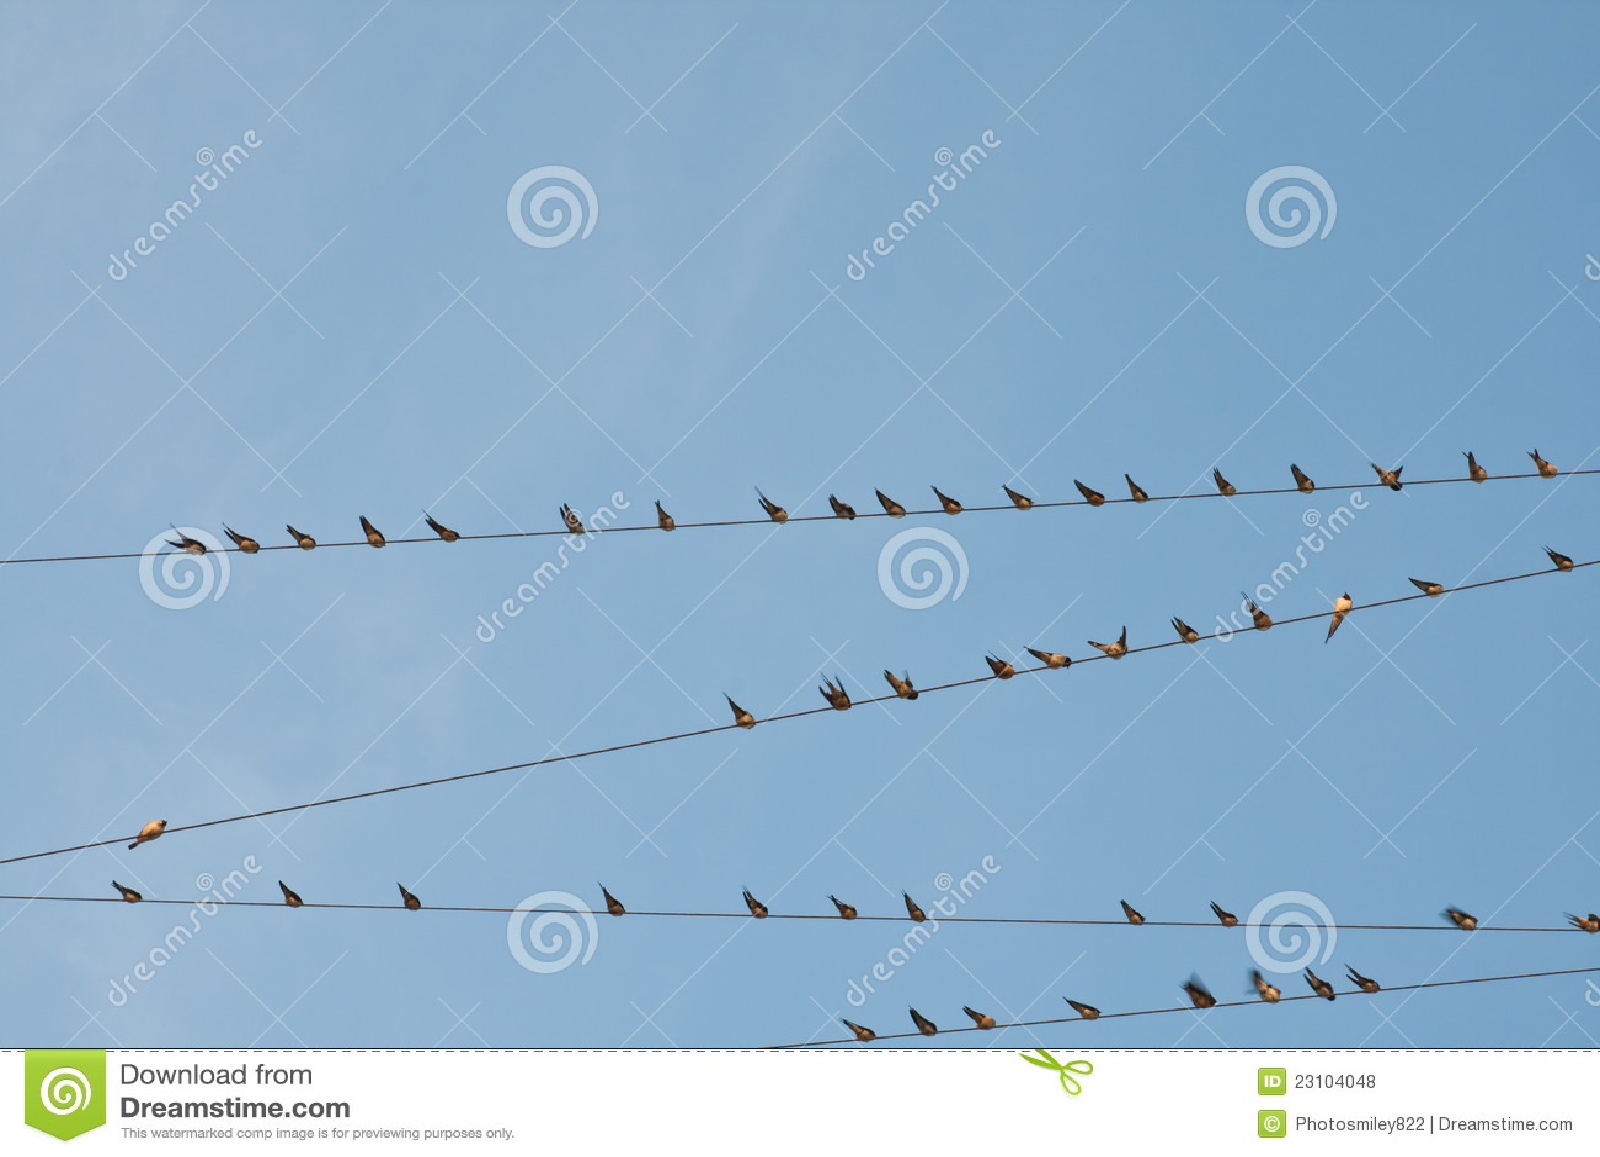 Vogel auf einem Drahtseil stockfoto. Bild von schönheit - 23104048